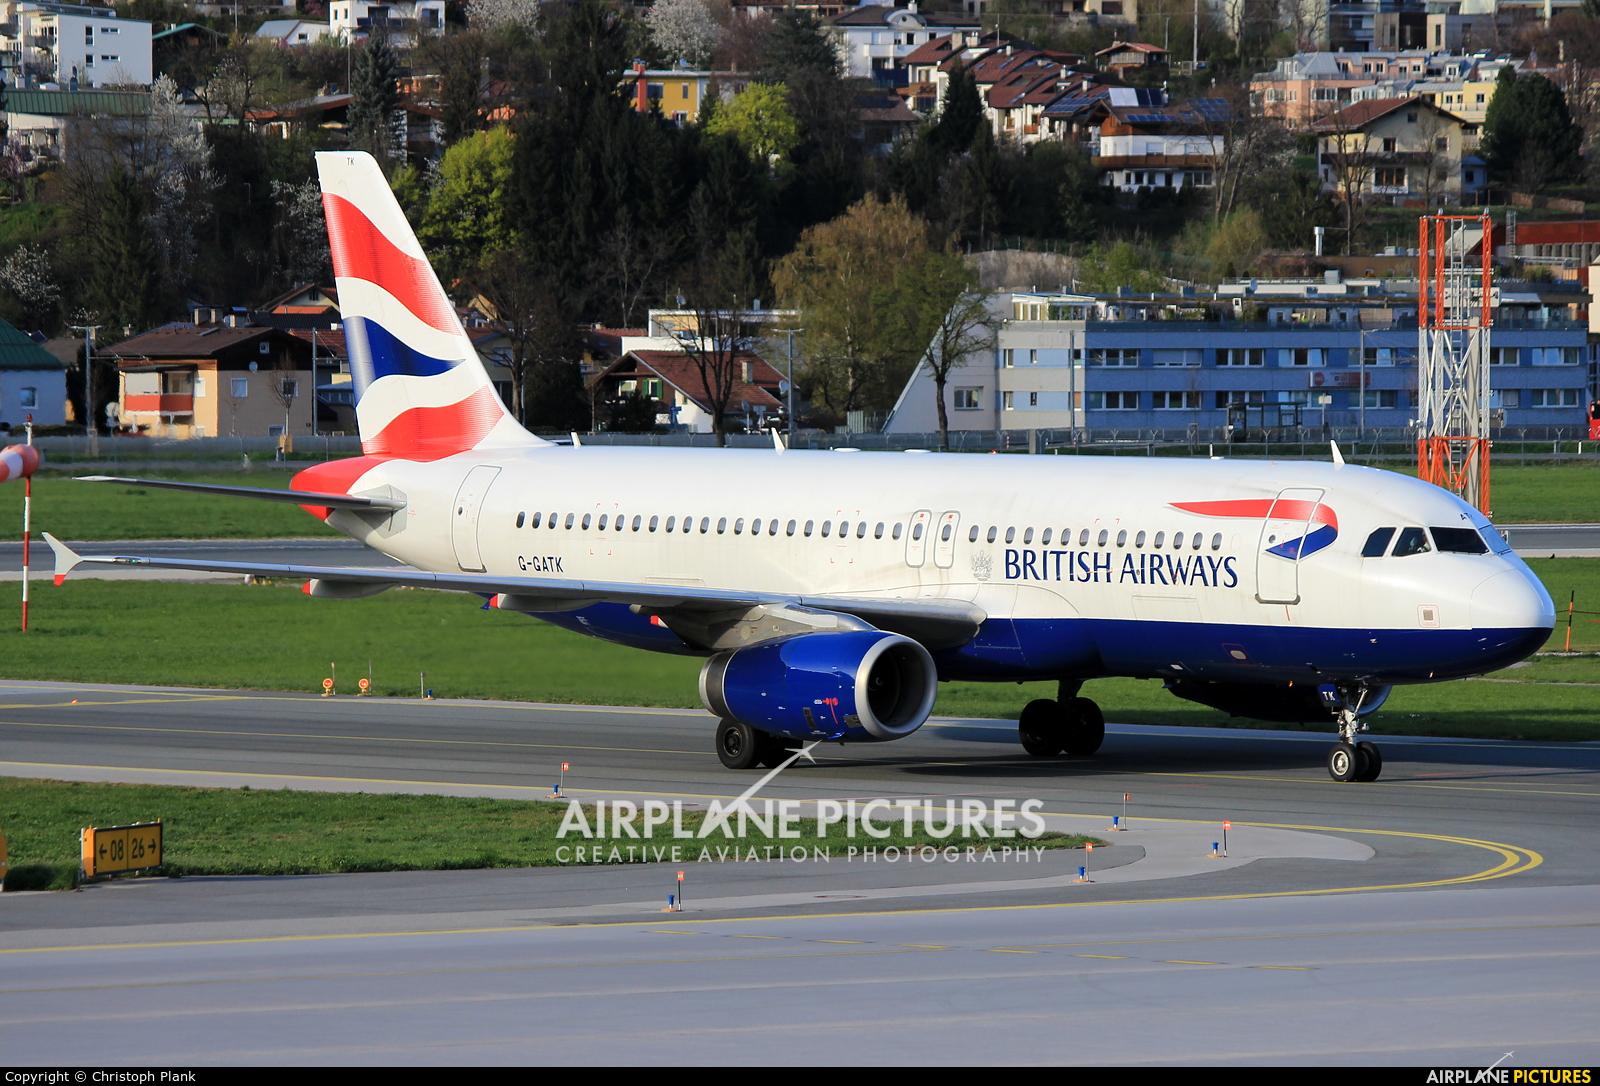 British Airways G-GATK aircraft at Innsbruck